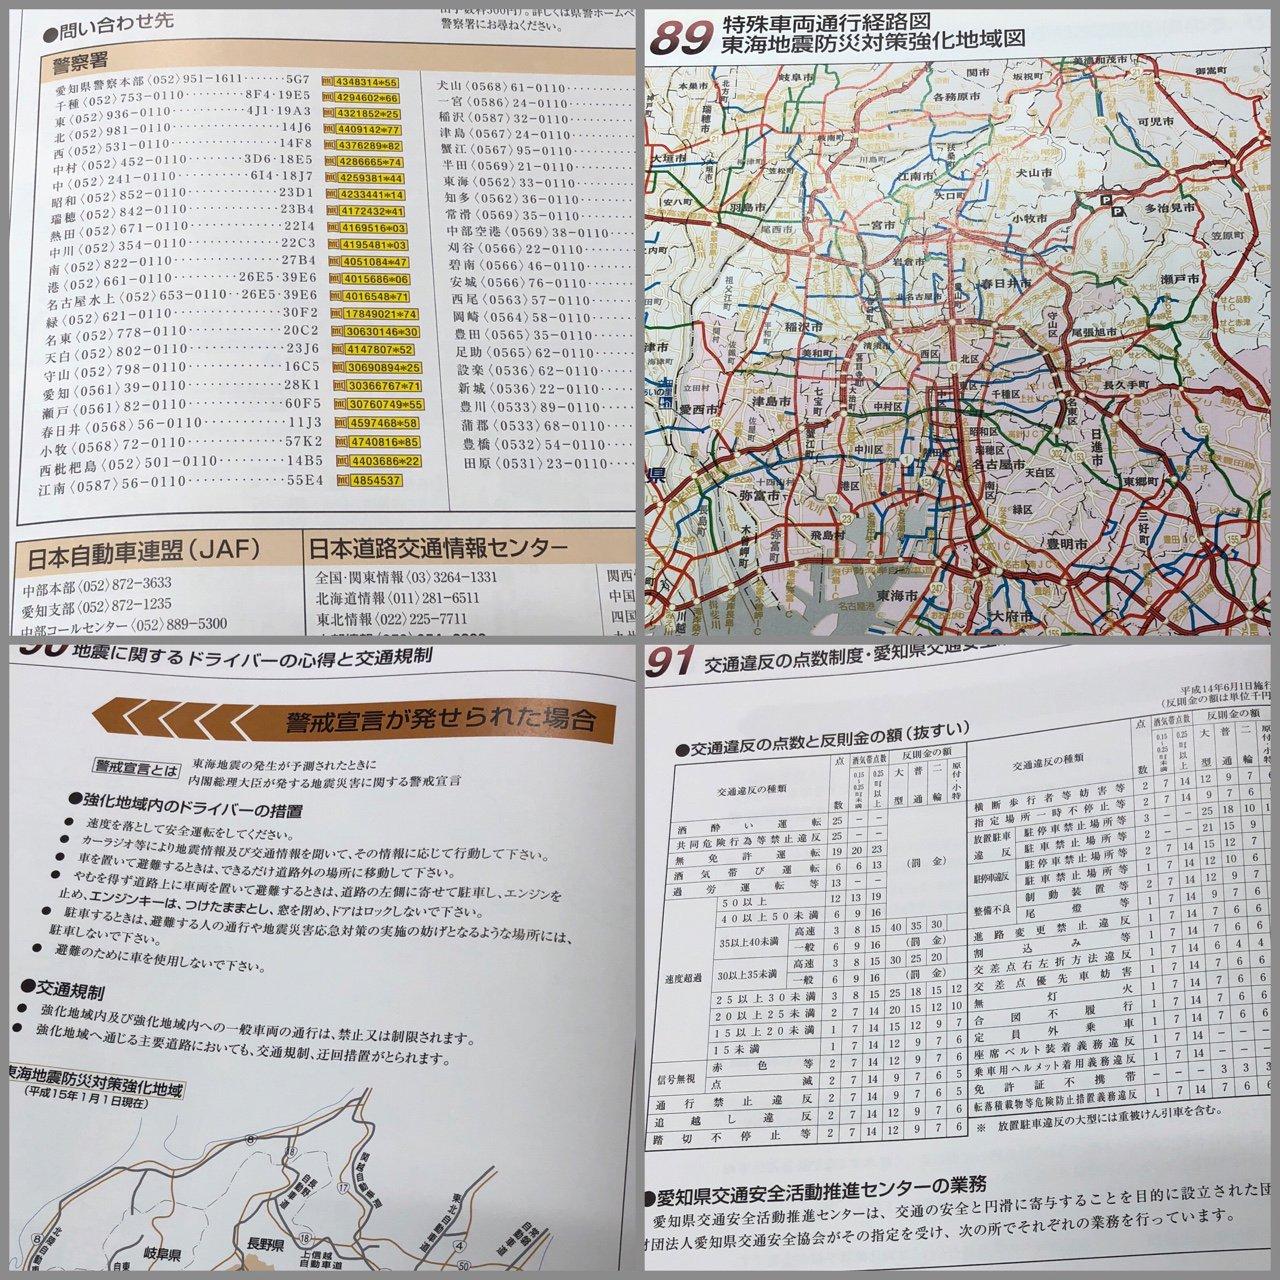 特殊車両通行経路図。東海地震防災対策強化地域図。交通違反の点数制度。地震に関するドライバーの心得と交通規制。  アトラスRDC 愛知県 道路地図 (2007年5月発行) https://t.co/77XldS70kw